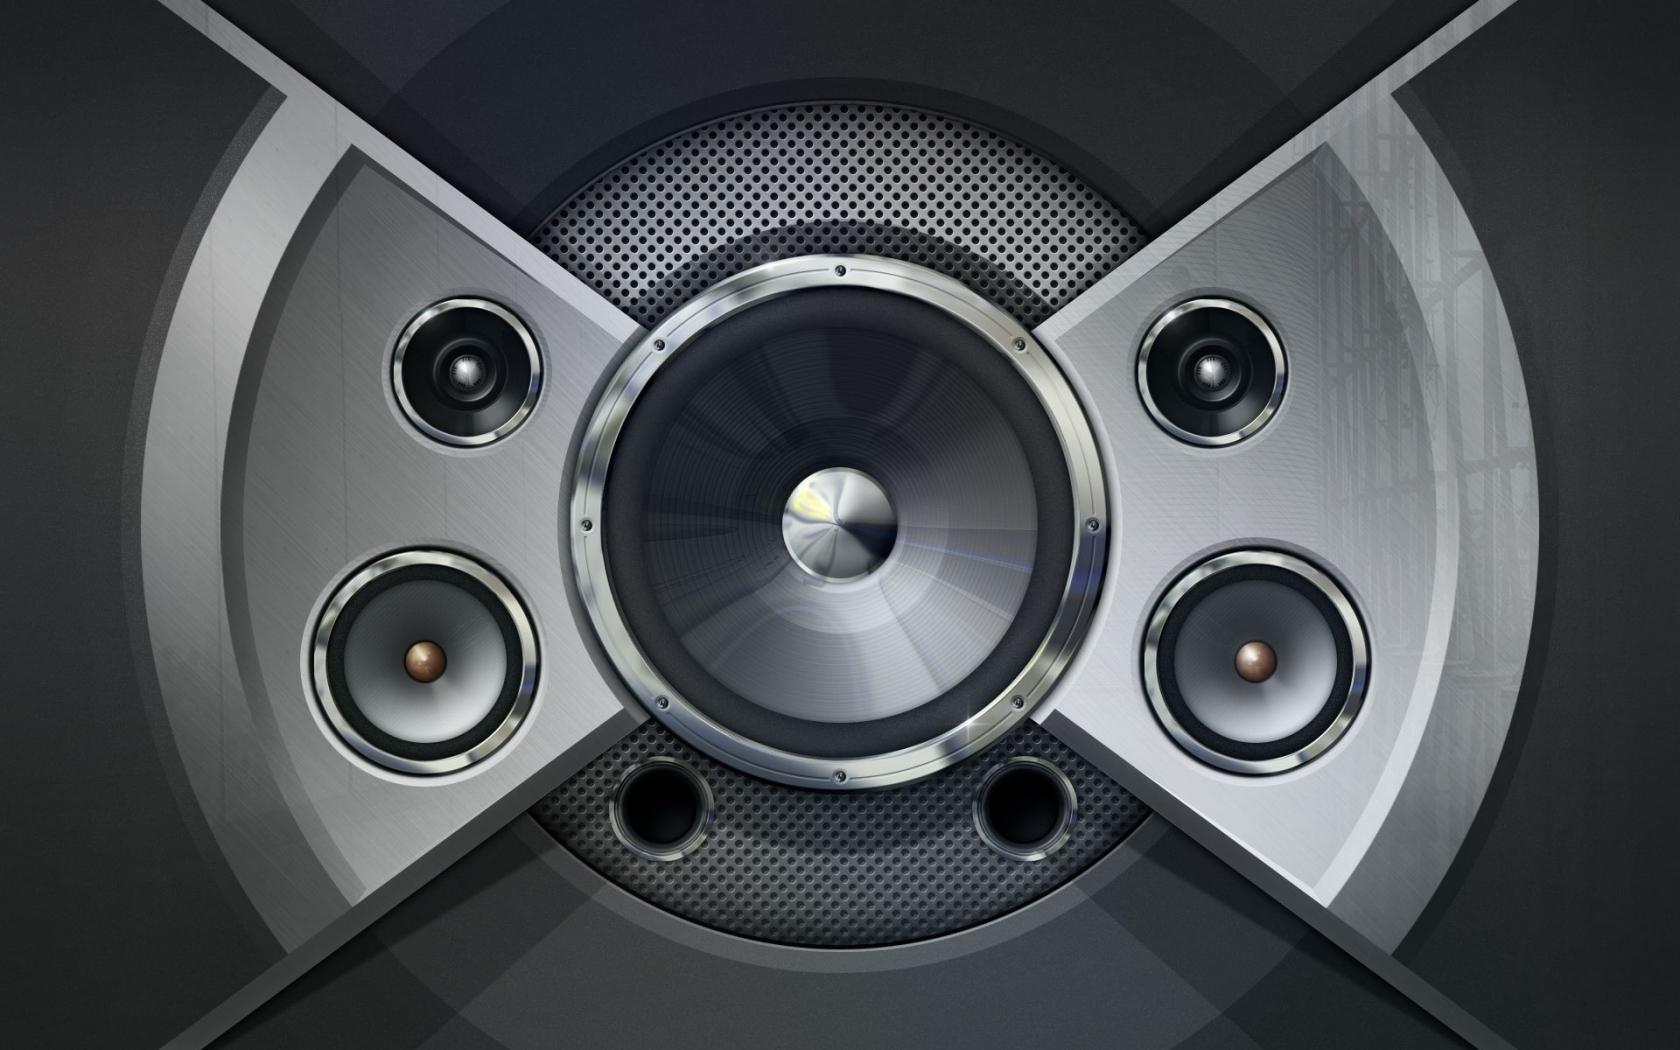 Diseño de un parlante - 1680x1050